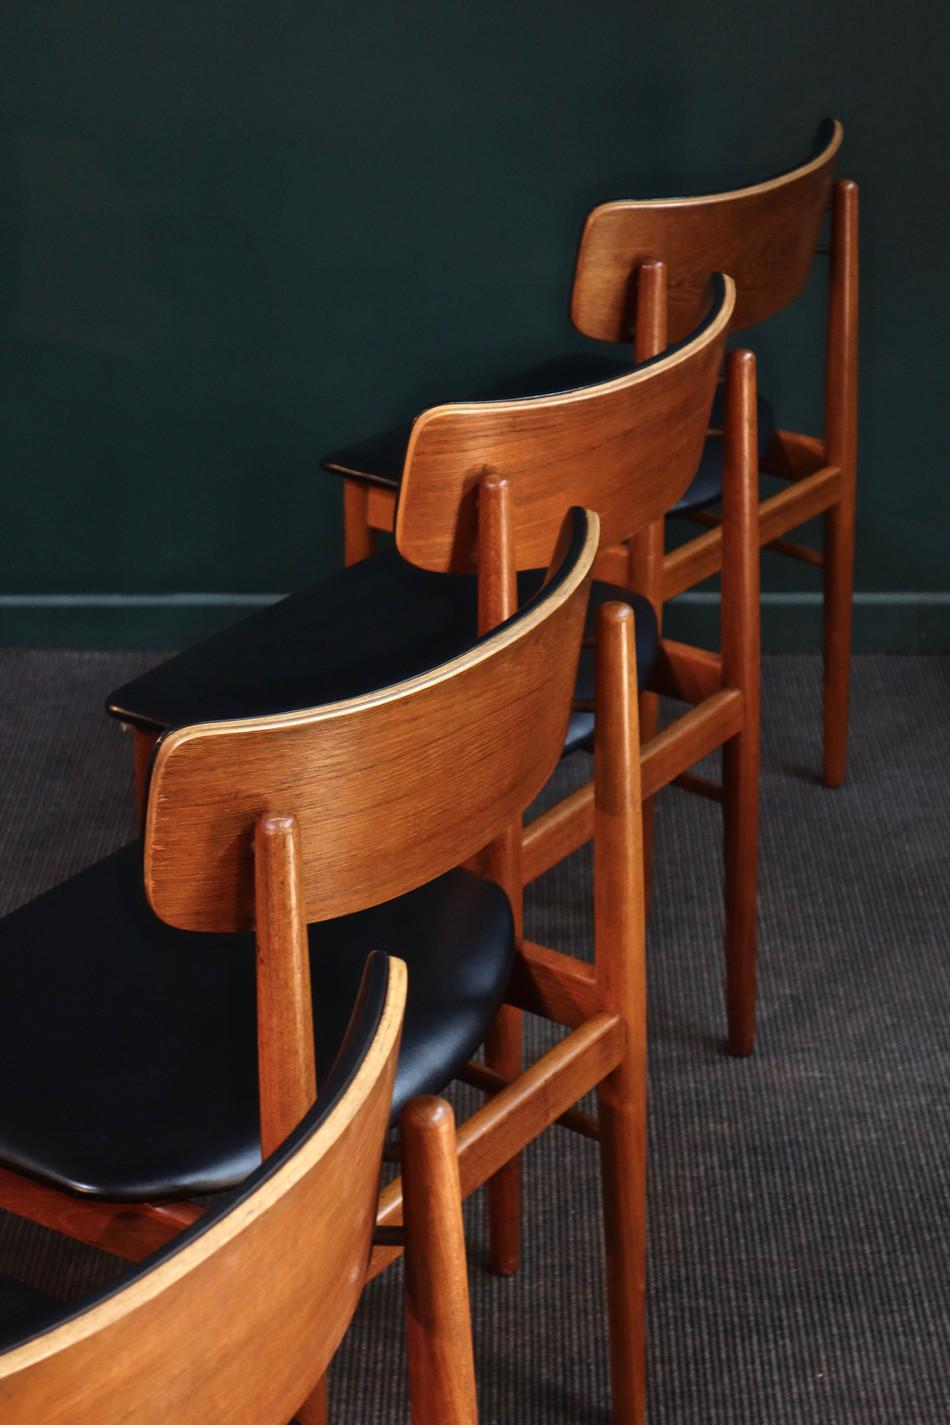 Série de chaises danoises de S.Chrobat p